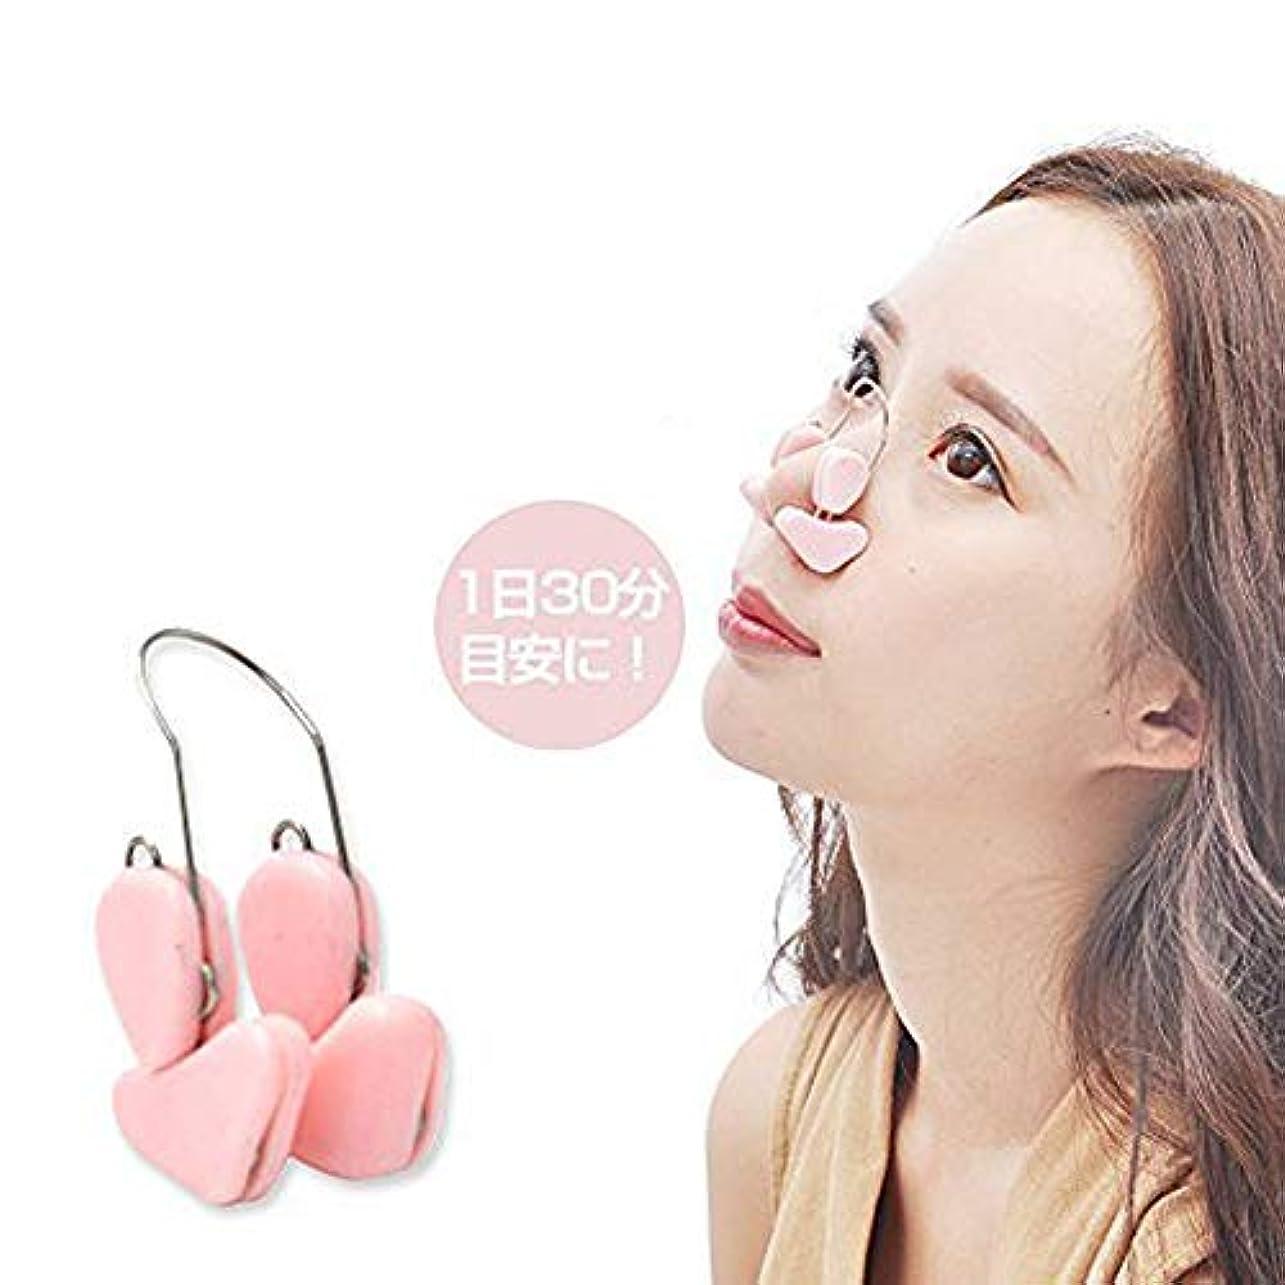 自治的はしごブロンズノーズクリップ 鼻 高く 鼻矯正 鼻プチ ノーズピン 矯正 鼻を高くする 鼻筋セレブ ノーズパッド シンクロ だんご鼻